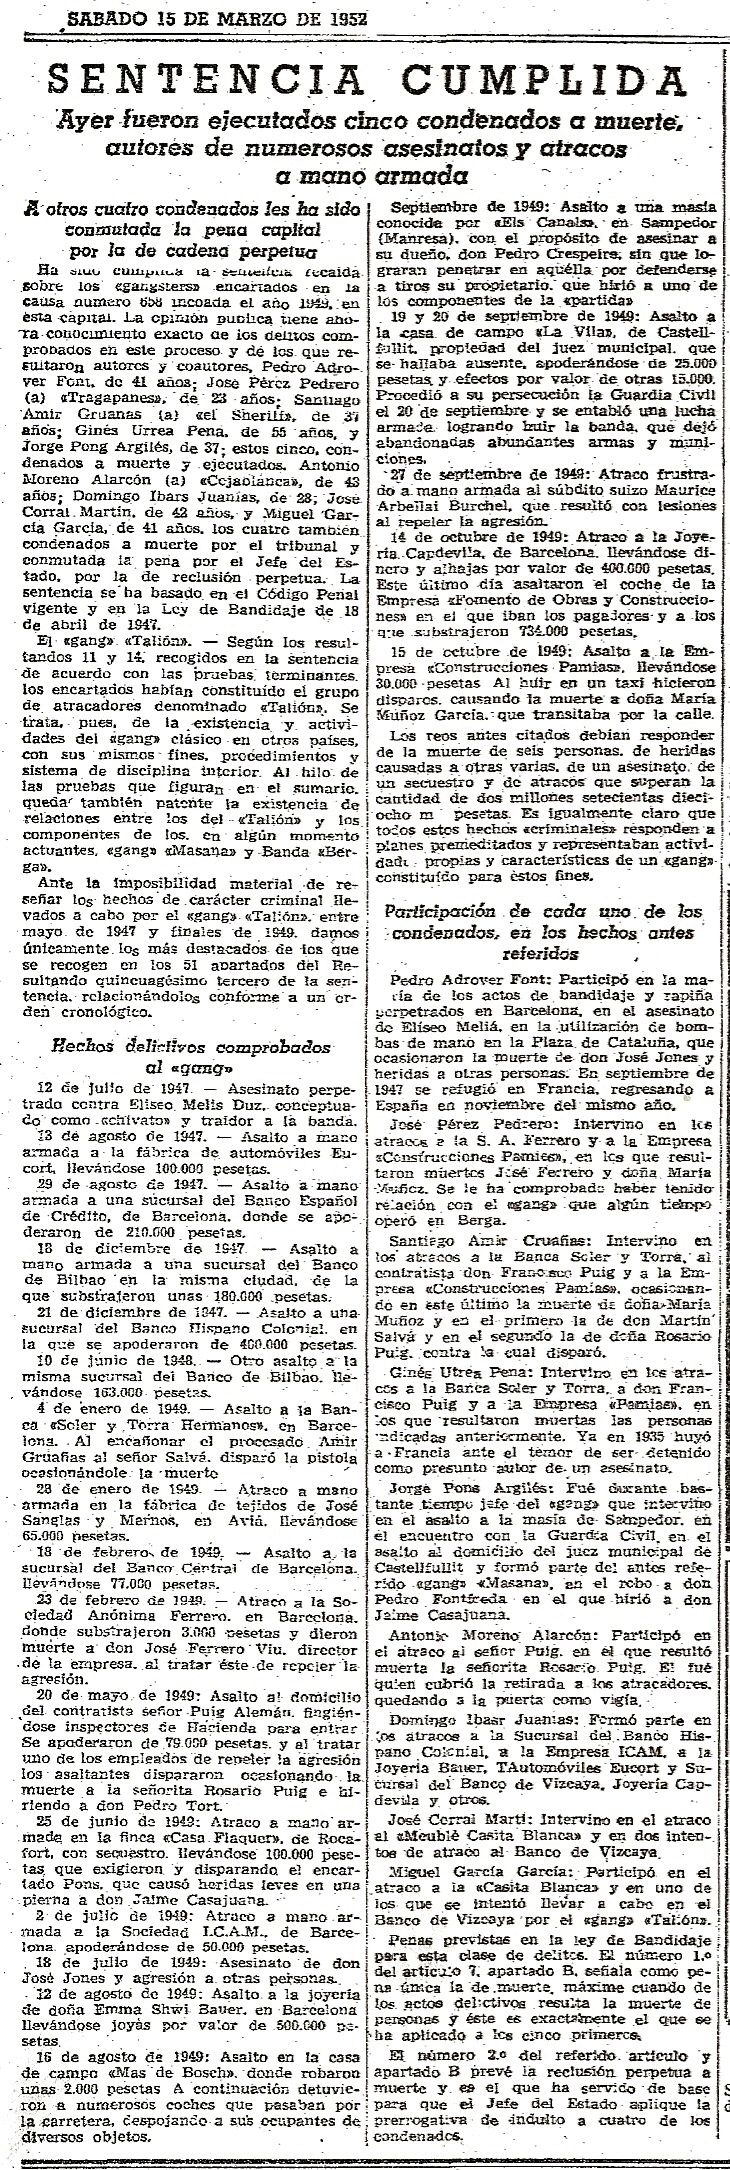 La Vanguardia del 15-3-52 informa sobre las ejecuciones de Ginés y otros 4 compañeros.